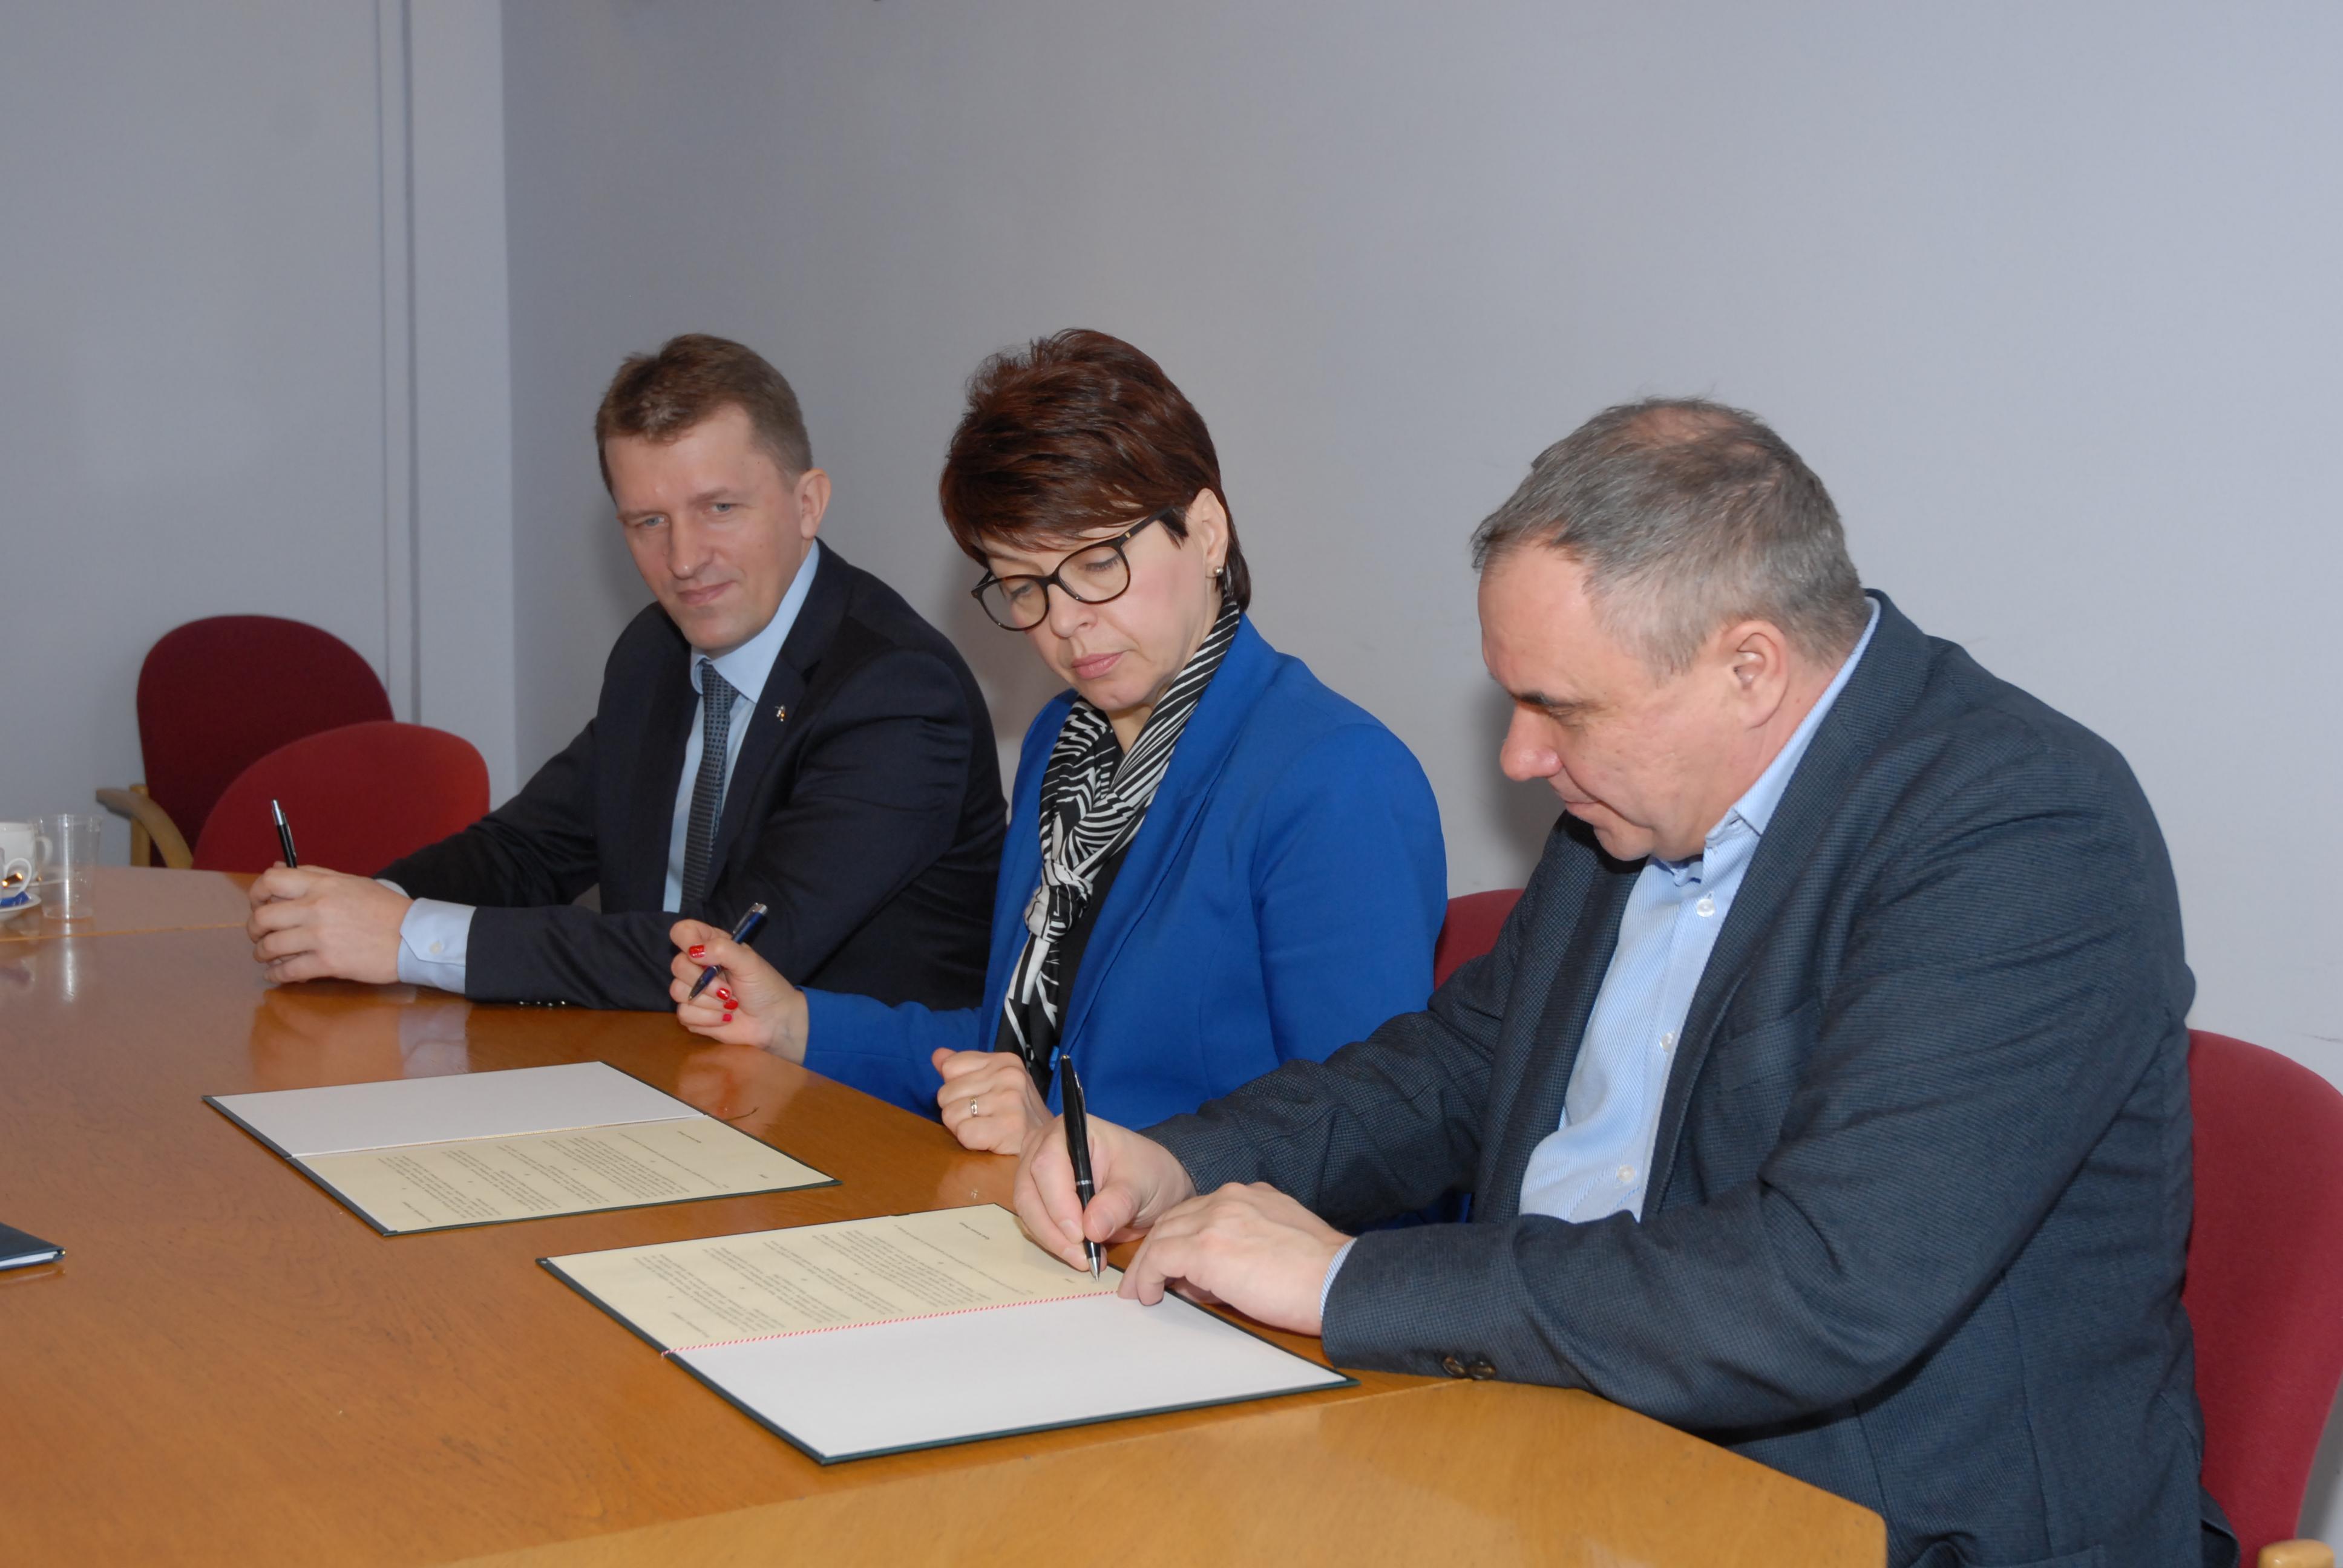 Na zdjęciu od lewej: Stanisław Ból, szef dialogu społecznego w ArcelorMittal Poland, Urszula Bauer, Śląski Kurator Oświaty oraz Jerzy Kozicz, prezes CMC Poland. (fot. ArcelorMittal Poland)